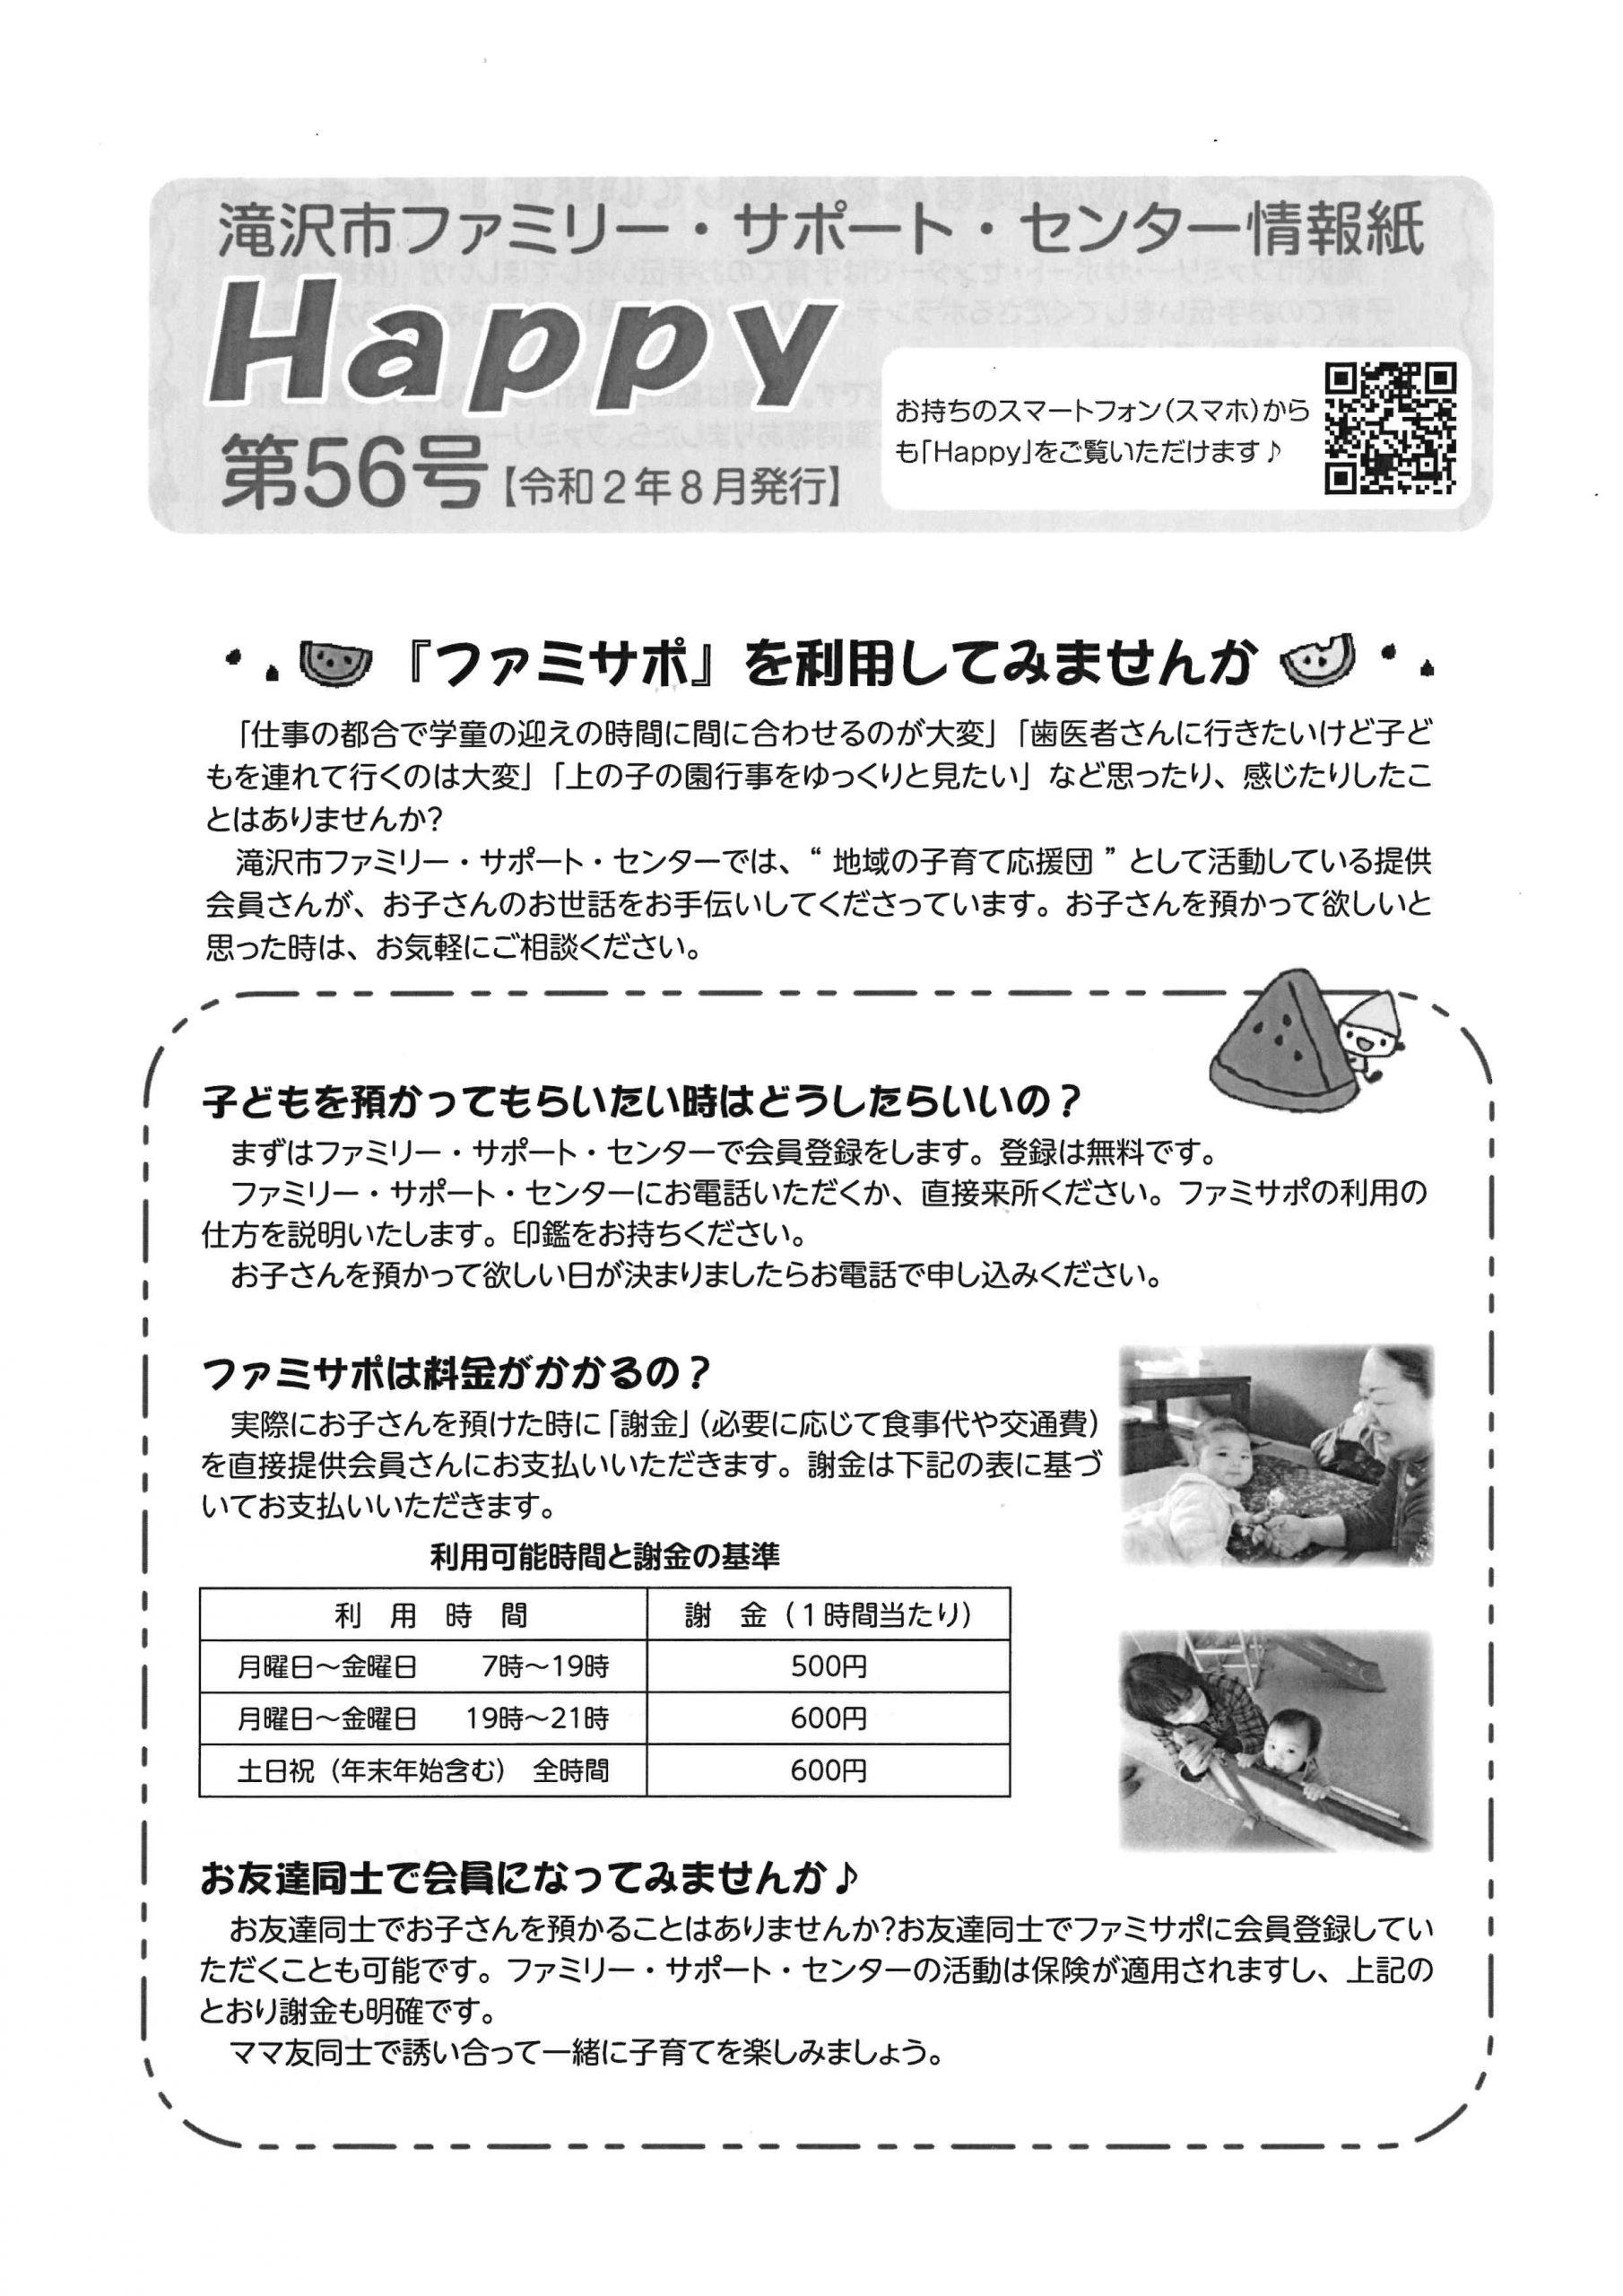 滝沢市ファミリー・サポート・センター情報誌『Happy』画像